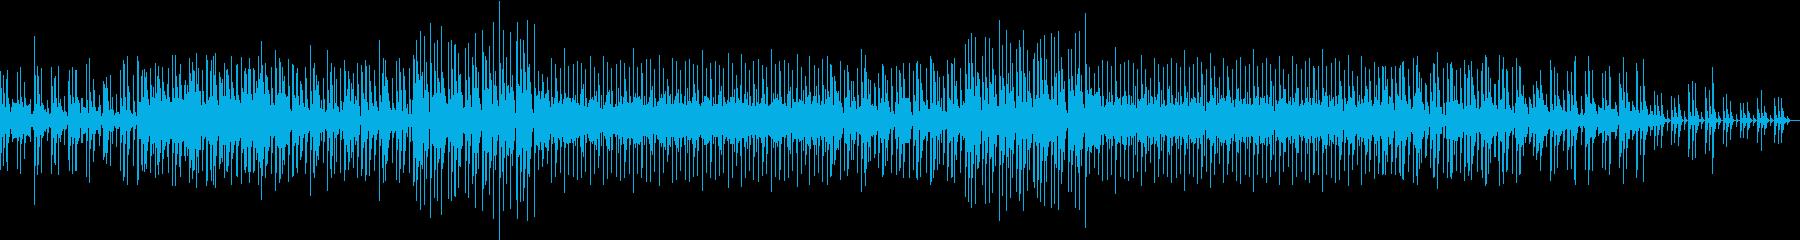 静かで緊迫感のあるアンビエントの再生済みの波形